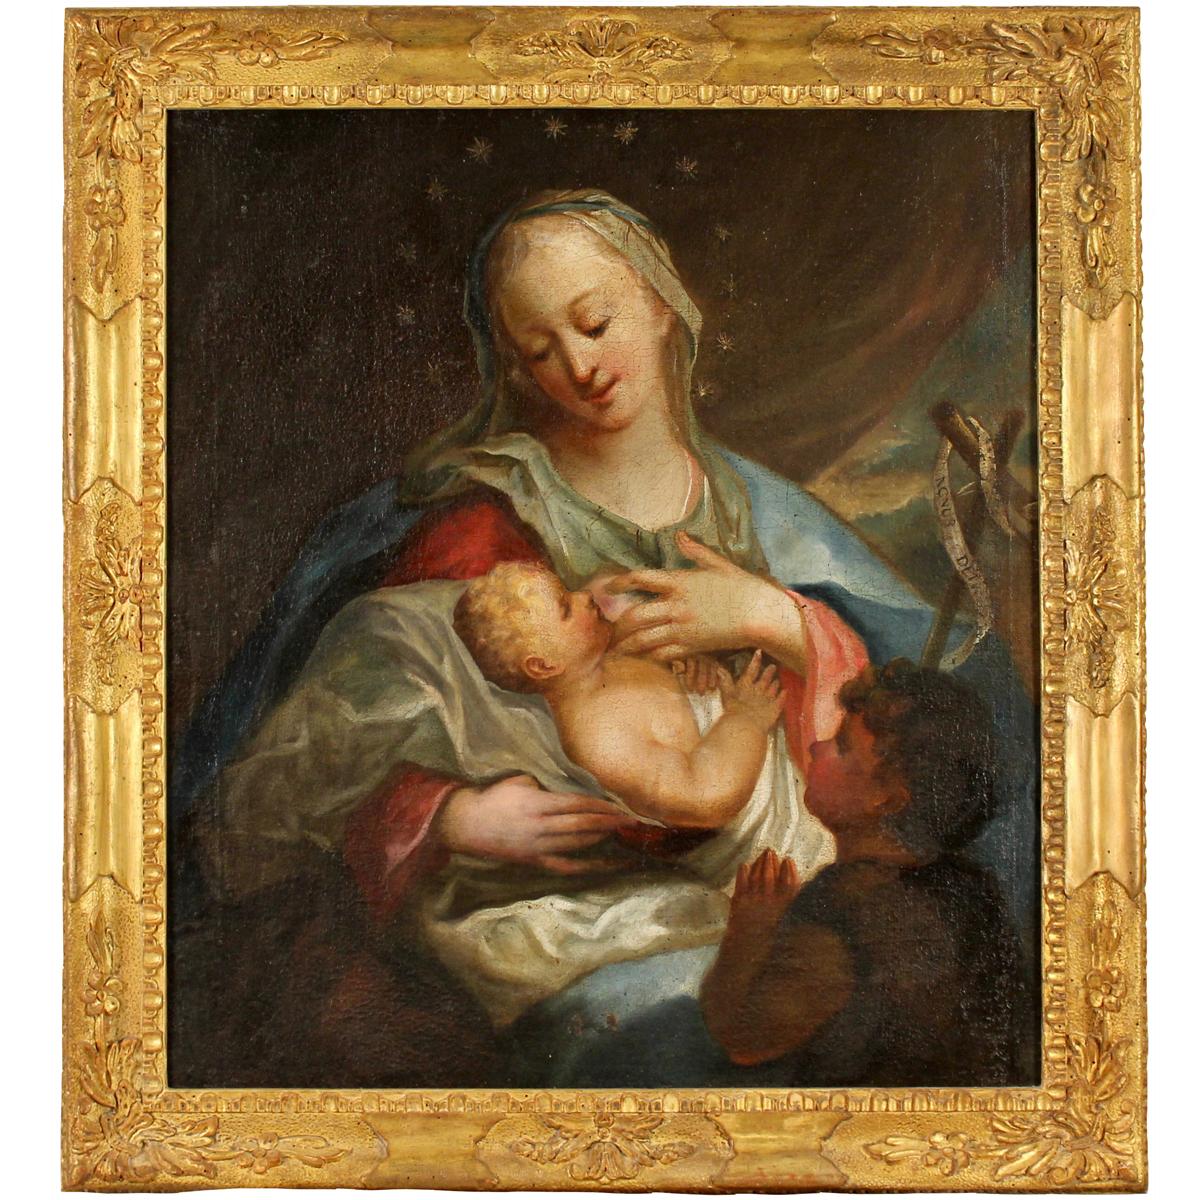 """SCUOLA DEL SUD ITALIA DEL SECOLO XVIII """"La Madonna col Bambino""""-SOUTH ITALY SCHOOL OF THE XVIII CENT - Image 2 of 2"""